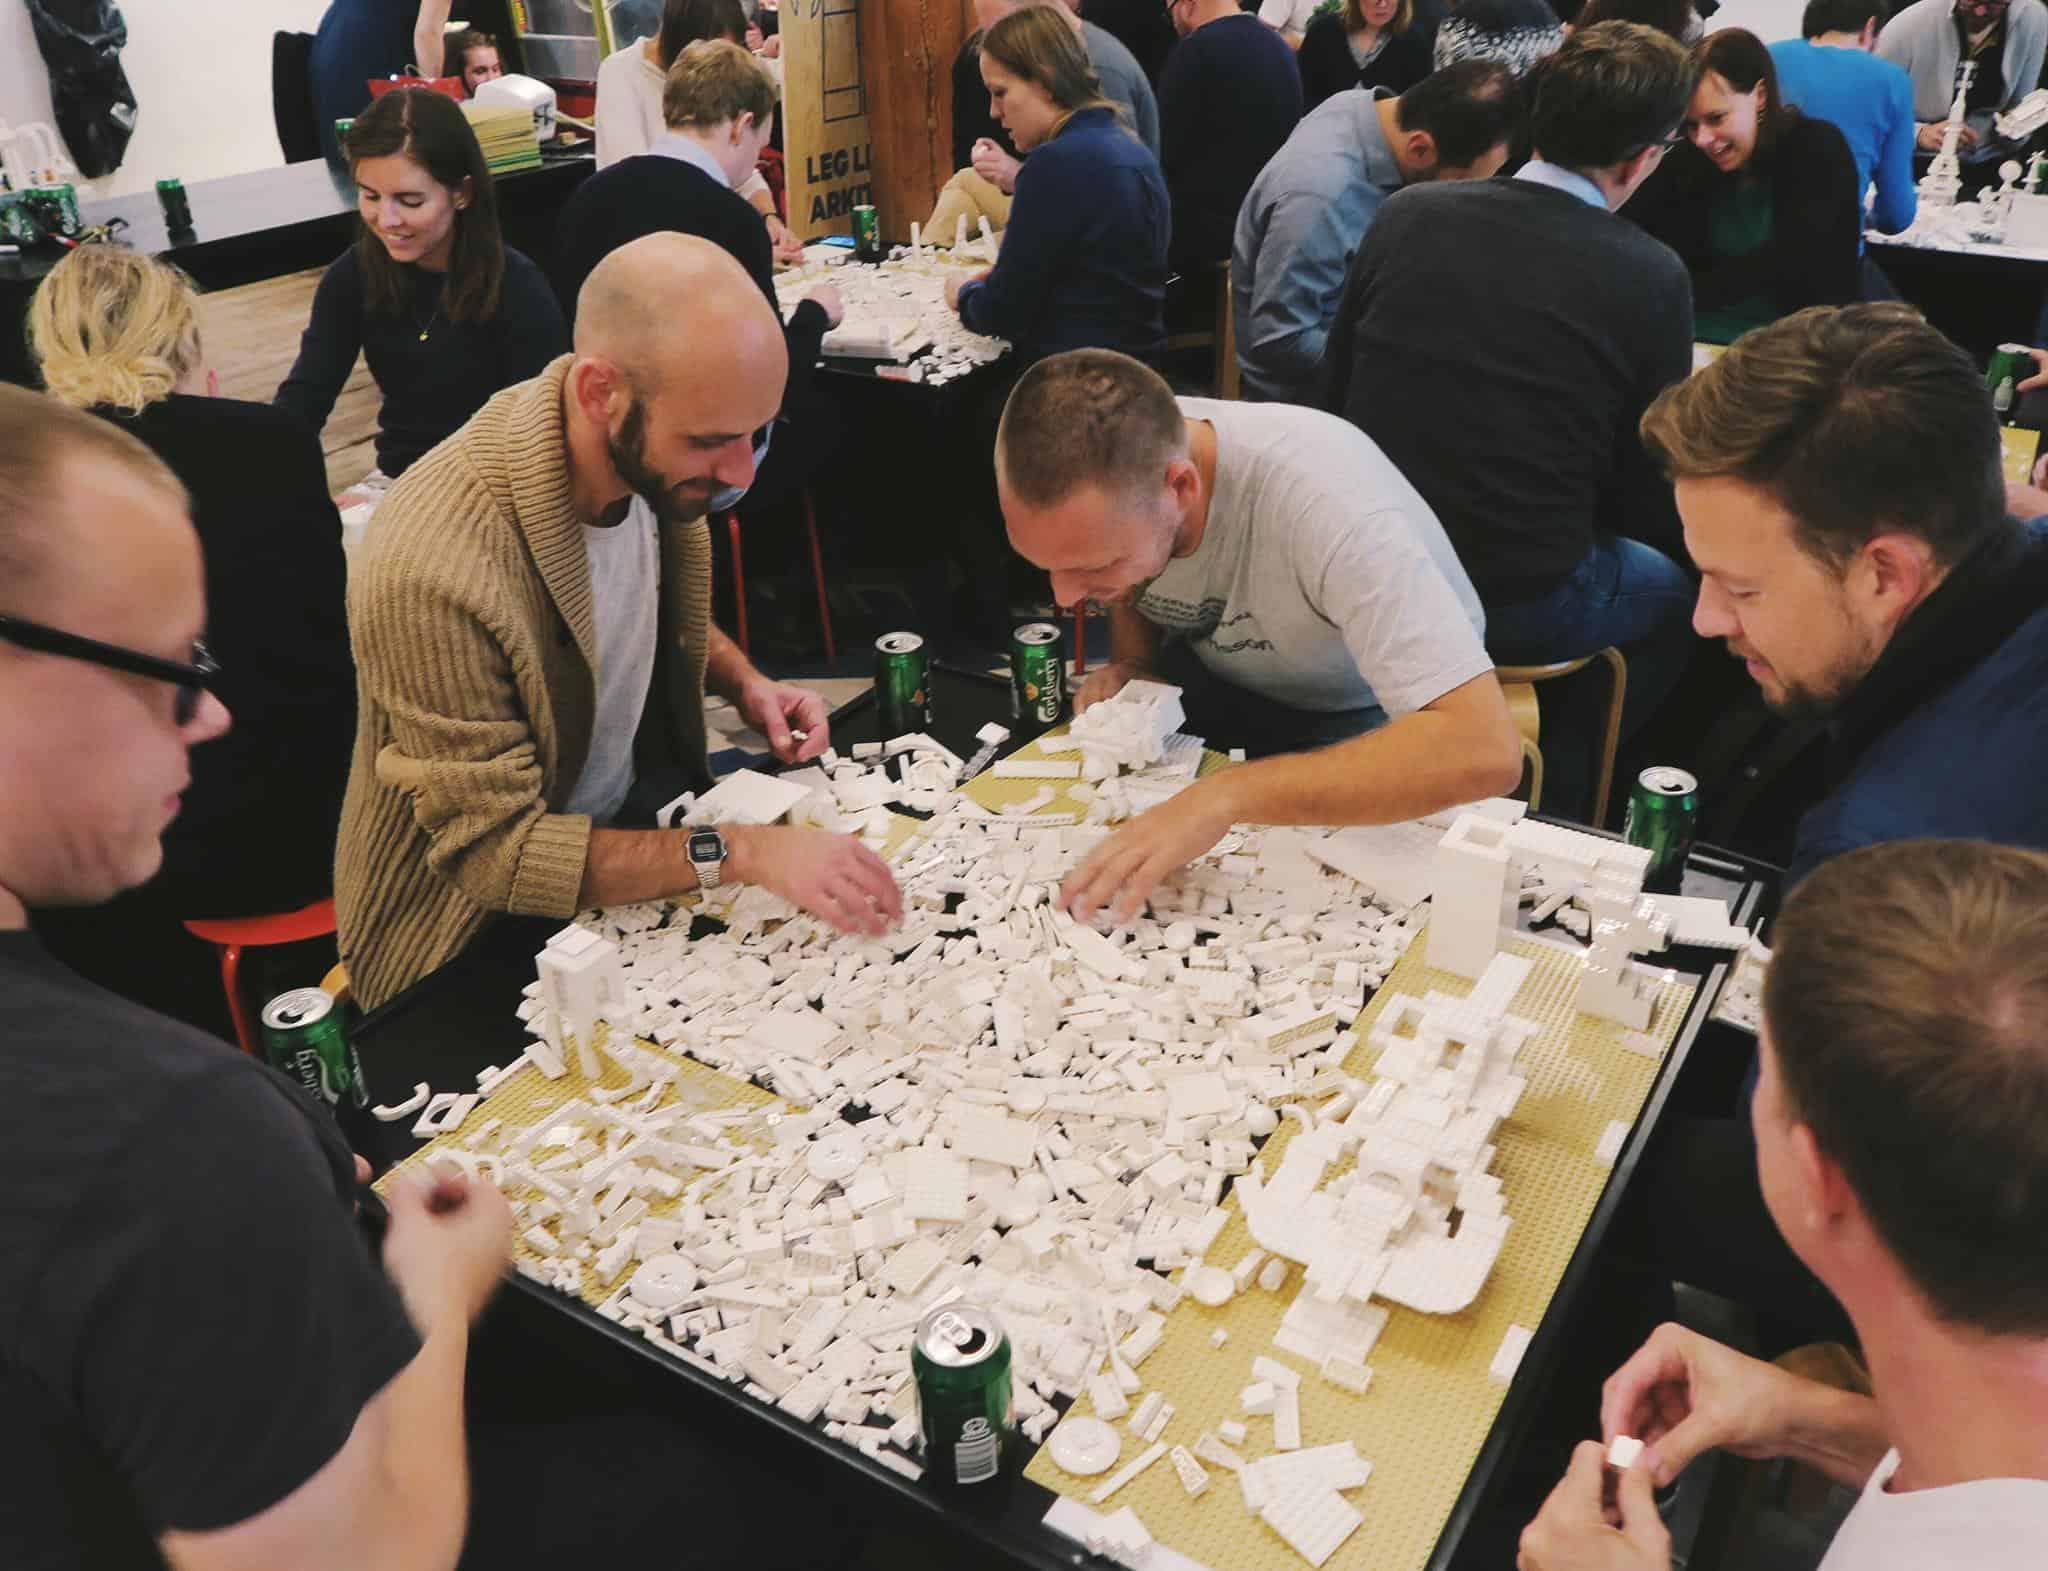 lego-night-dansk-arkitektur-center